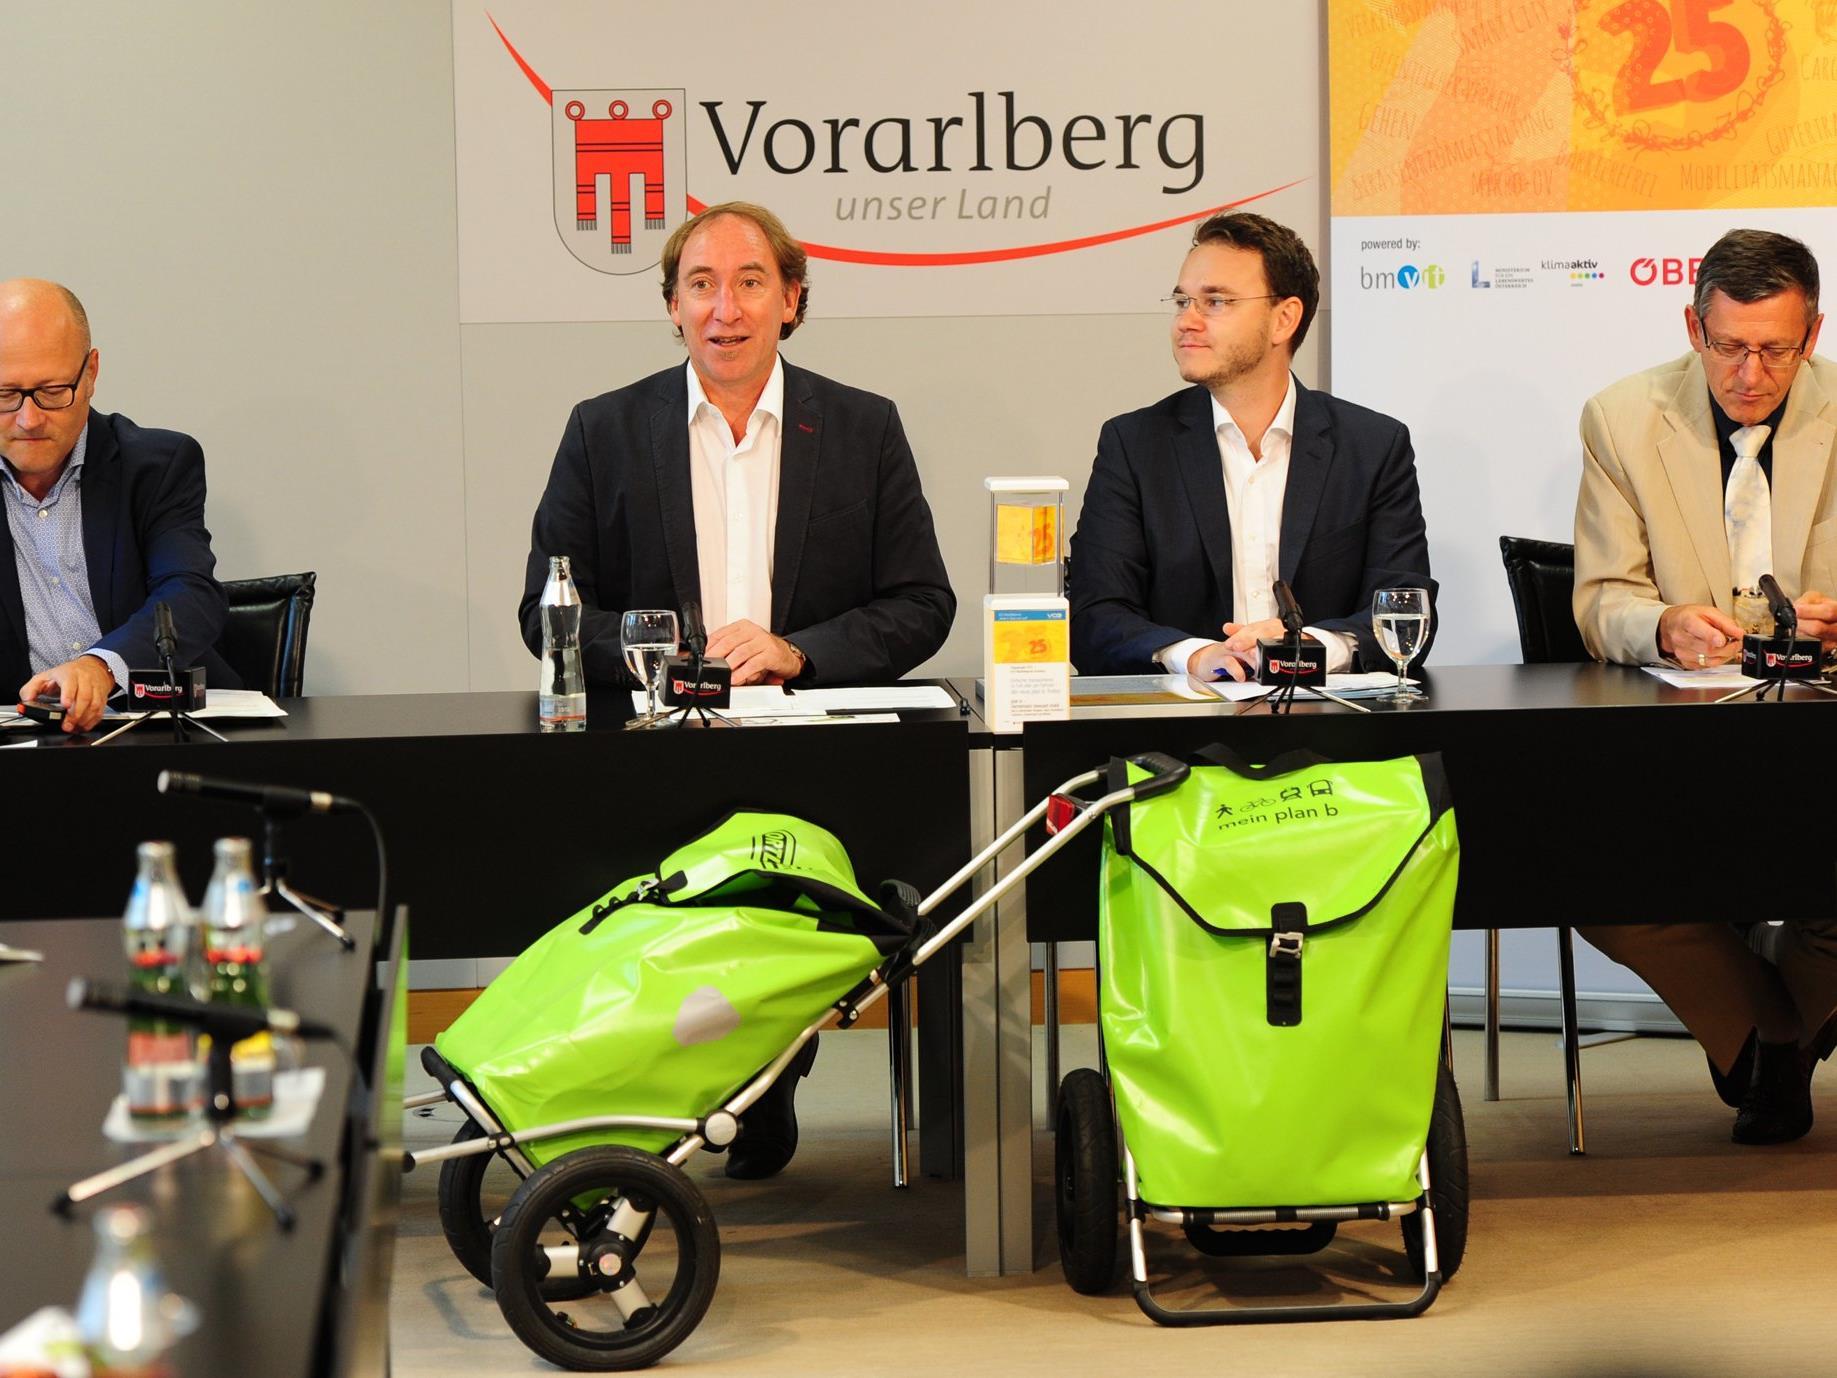 Der PlanB-Trolley hat eine Tragkraft von 50 kg. Erhältlich ist er beim ausgewählten Fahrradhandel in den planB Gemeinden zum Preis von 298 Euro. Die planB Gemeinden unterstützen ihre Bürgerinnen und Bürger beim Trolleykauf mit 100 Euro.